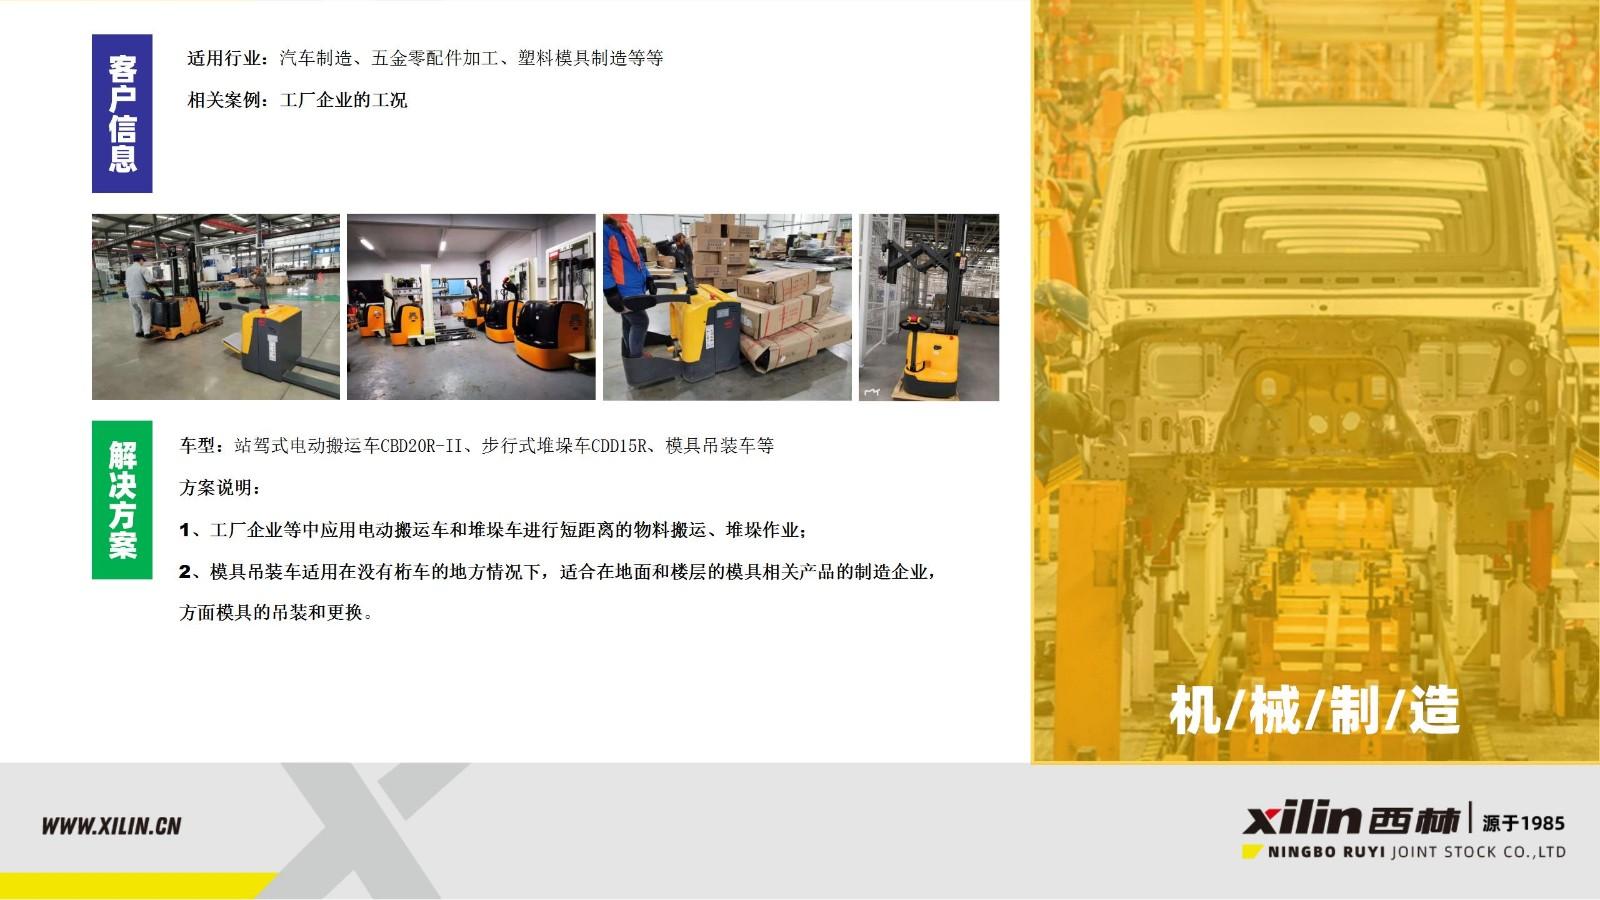 【西林bet9网站app】一站式仓储物流解决方案 lk 2021-8-25_18.jpg